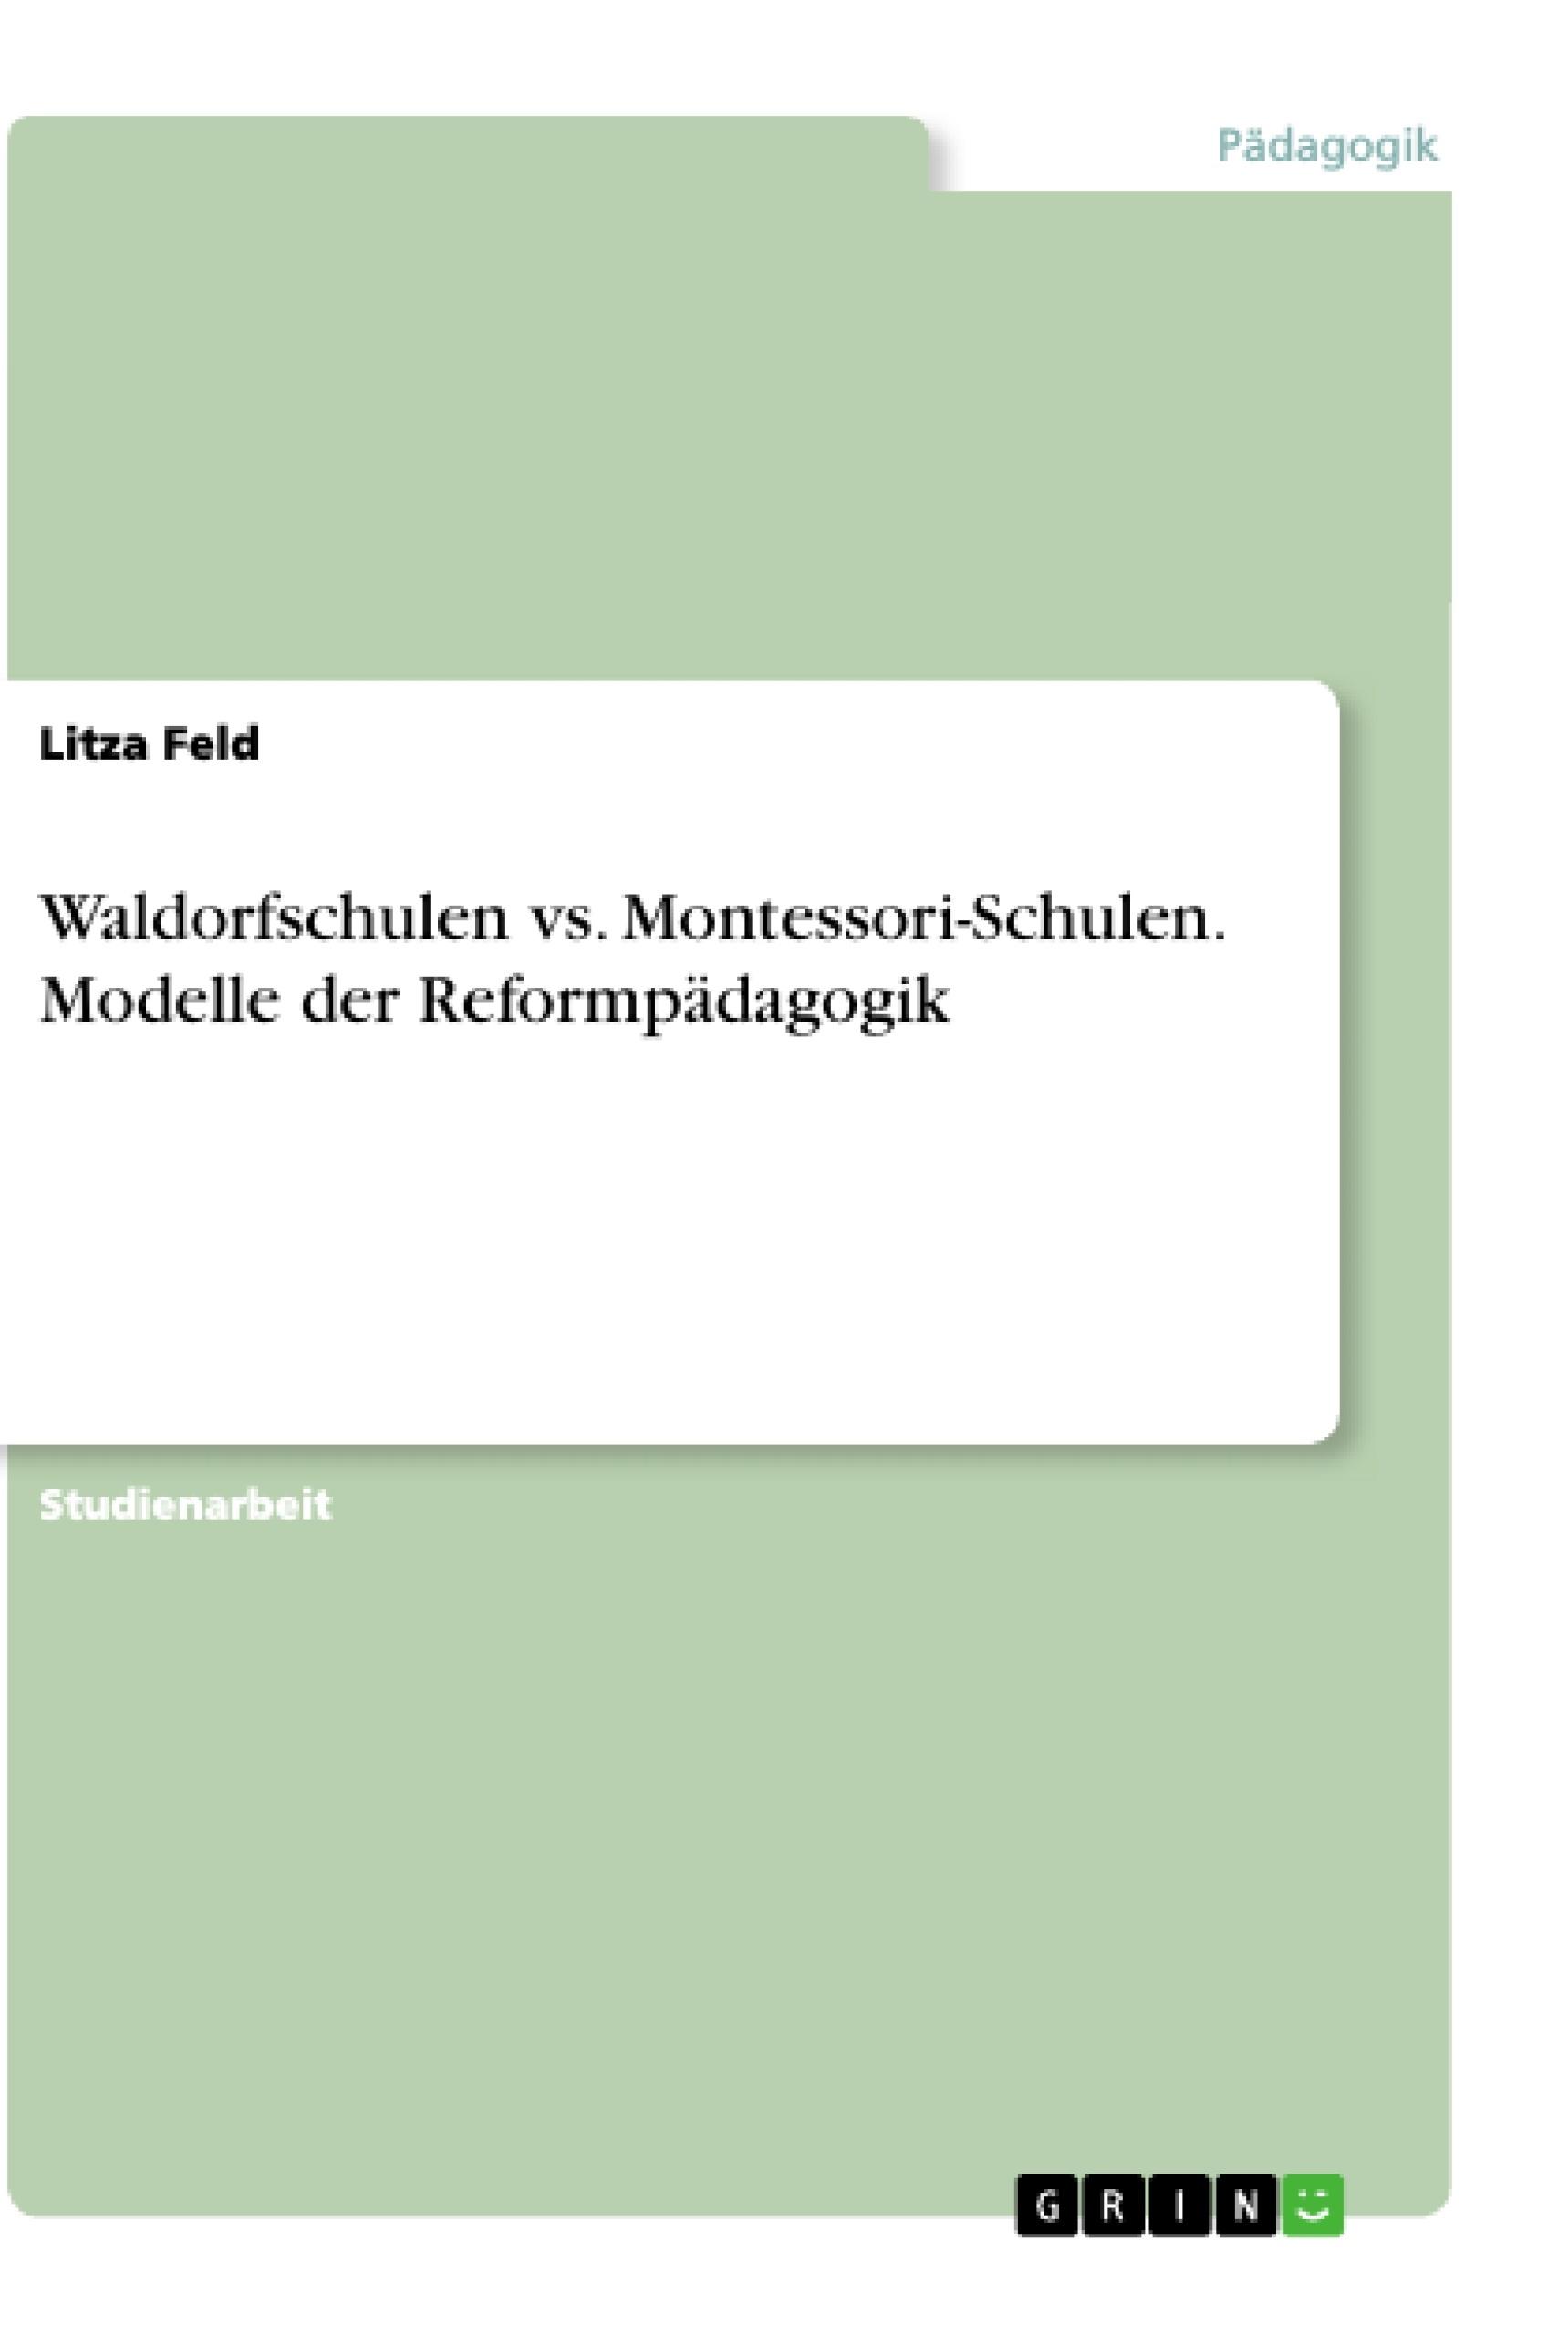 Titel: Waldorfschulen vs. Montessori-Schulen. Modelle der Reformpädagogik